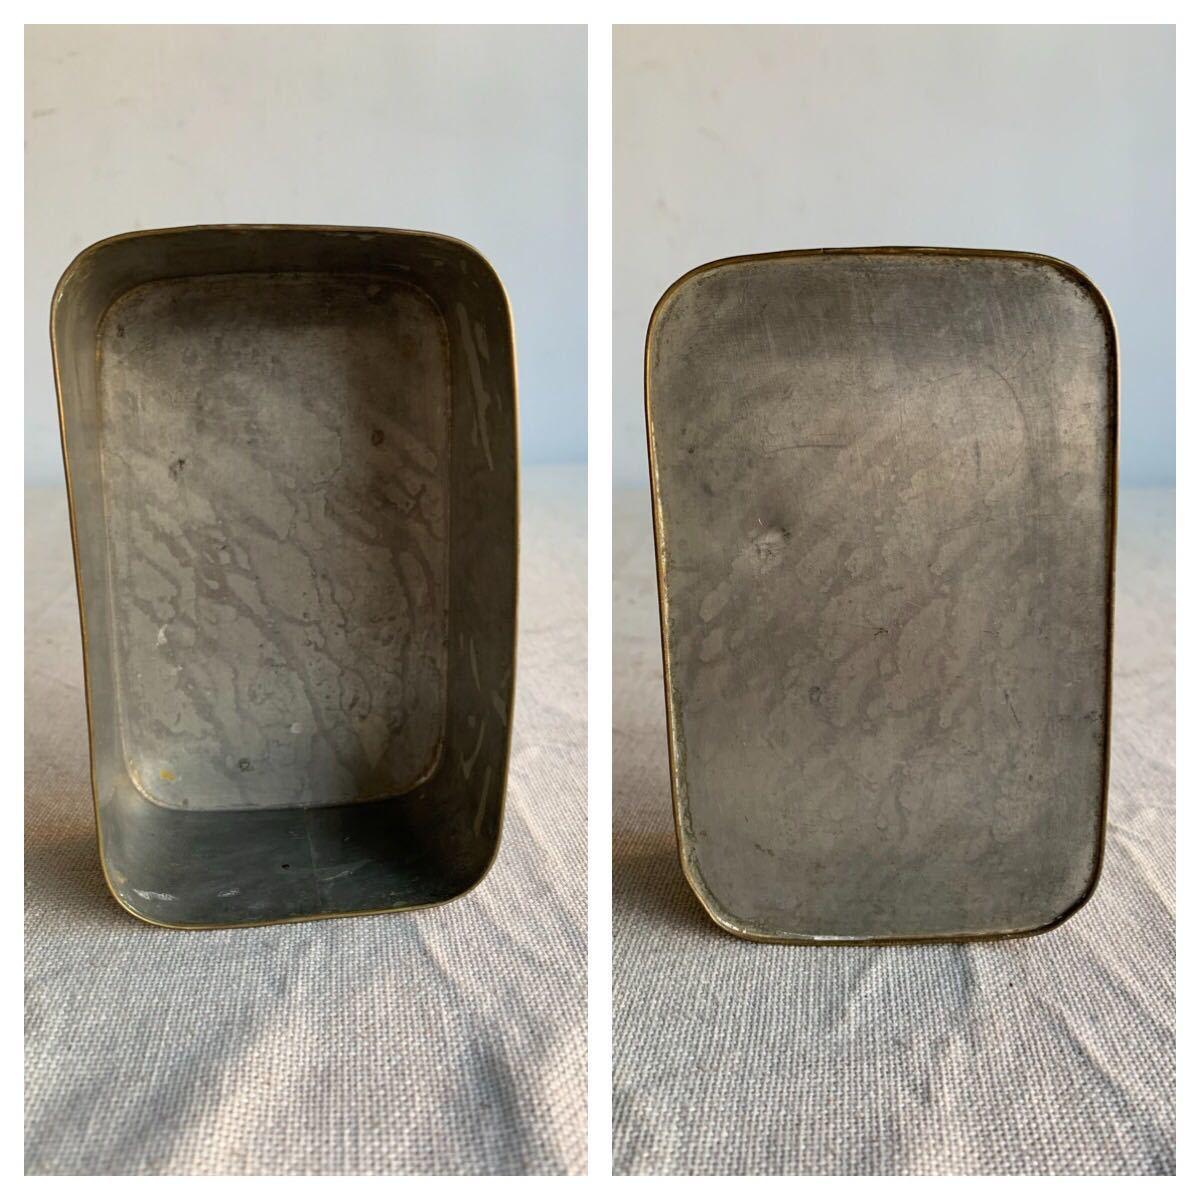 古い真鍮製の入れ子箱2個セット ケース収納旧家蔵出レトロ古民家古道具古物骨董アンティークビンテージシャビーインテリアディスプレイ整理_画像9